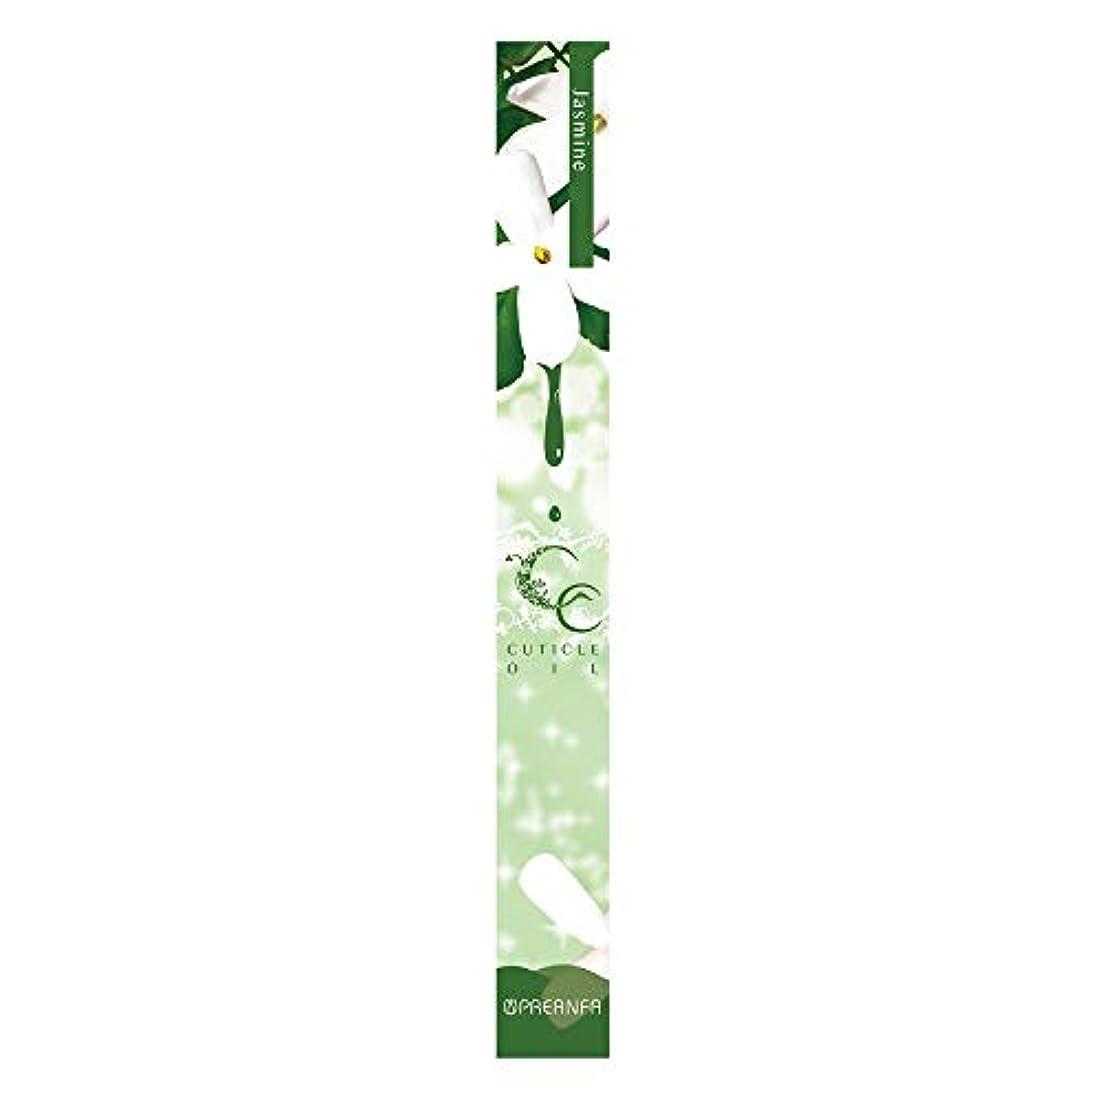 移動する退院歌詞プリジェル 甘皮ケア CCキューティクルオイル ジャスミン 4.5g  保湿オイル ペンタイプ